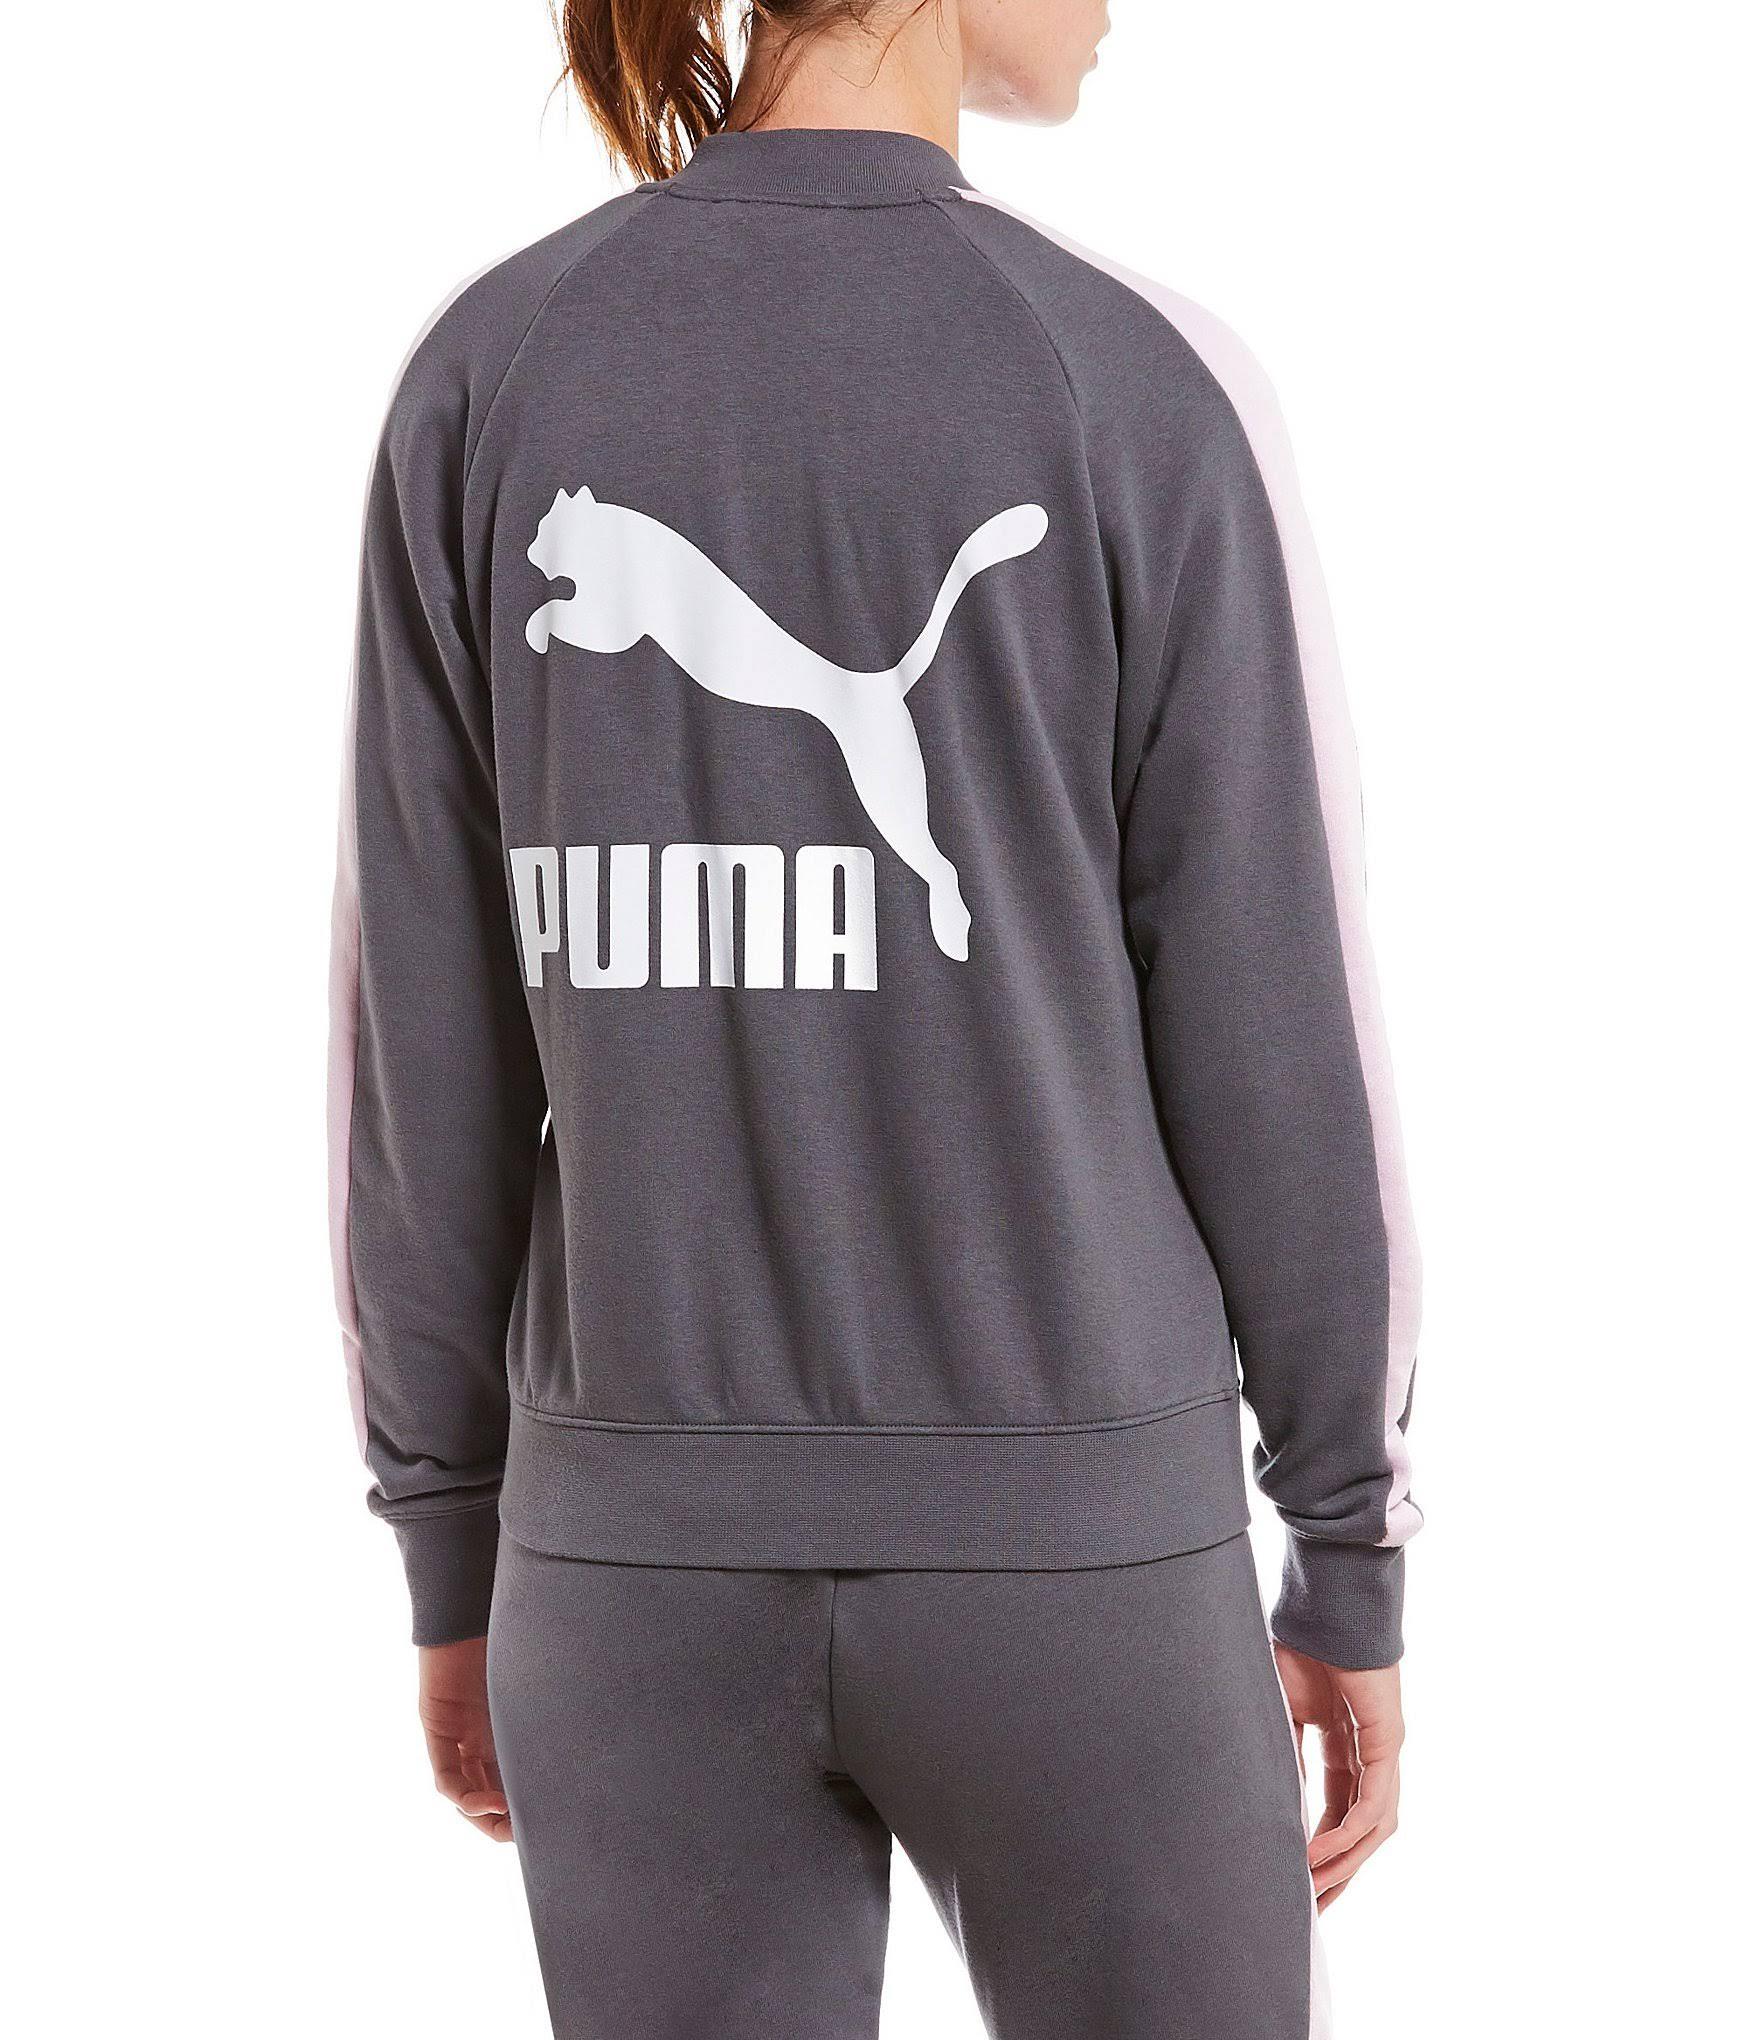 T7 Mujer Chaqueta De Xl Hierro Puma Para Classics Deportiva Abrigo AcZRf5pq6